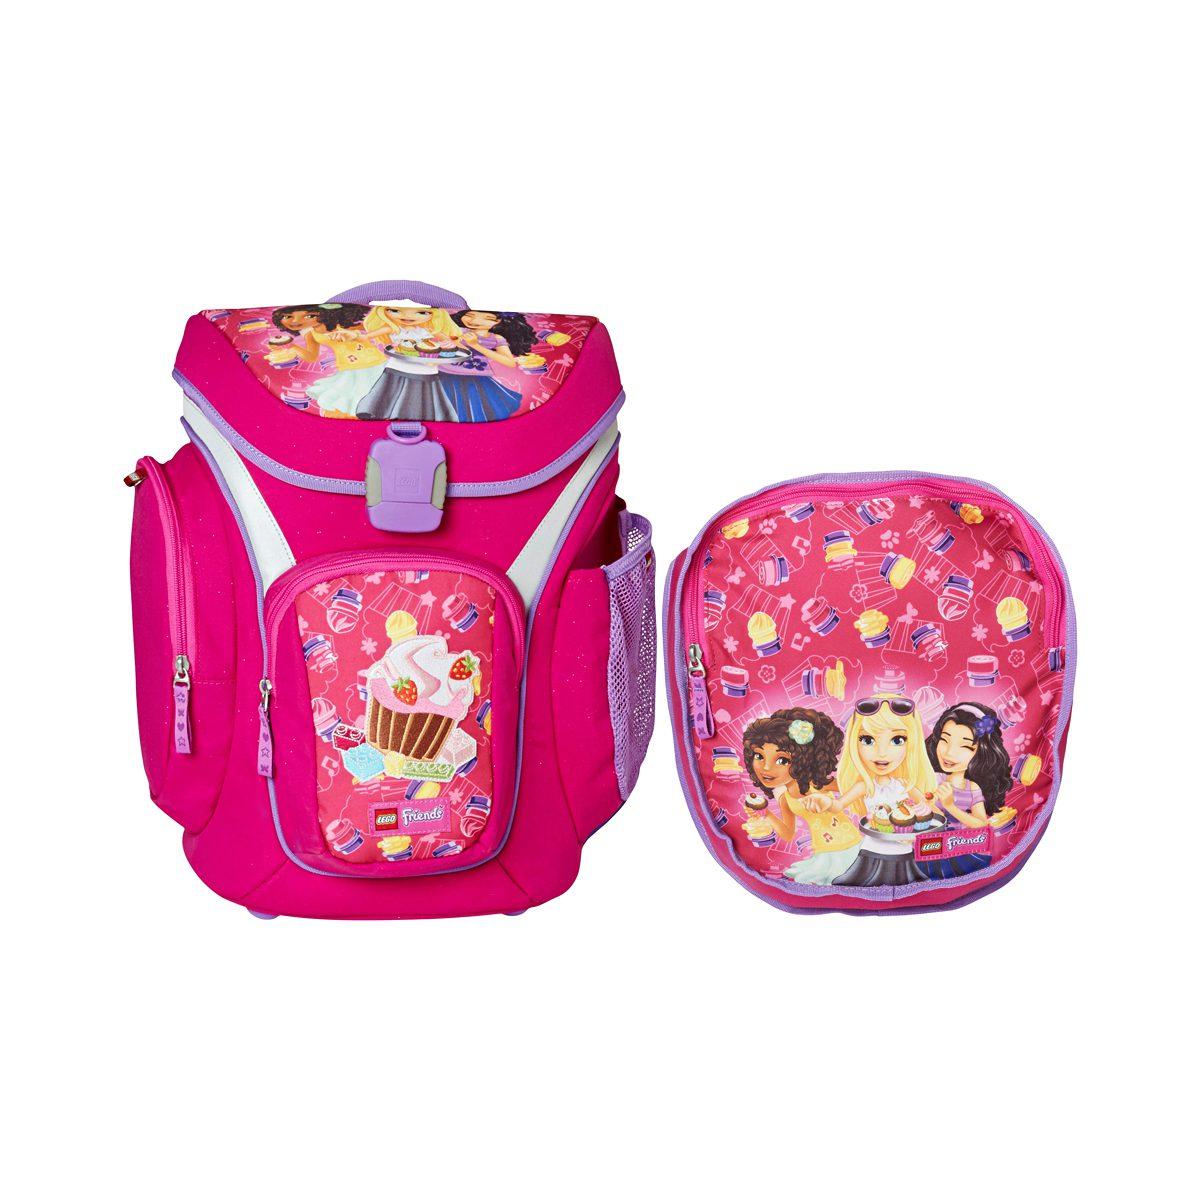 Ghiozdan Pentru Şcoală & Sac Sport, Explorer, Friends Cupcake, Core Line, Roz, Lego, LG-20018-1711